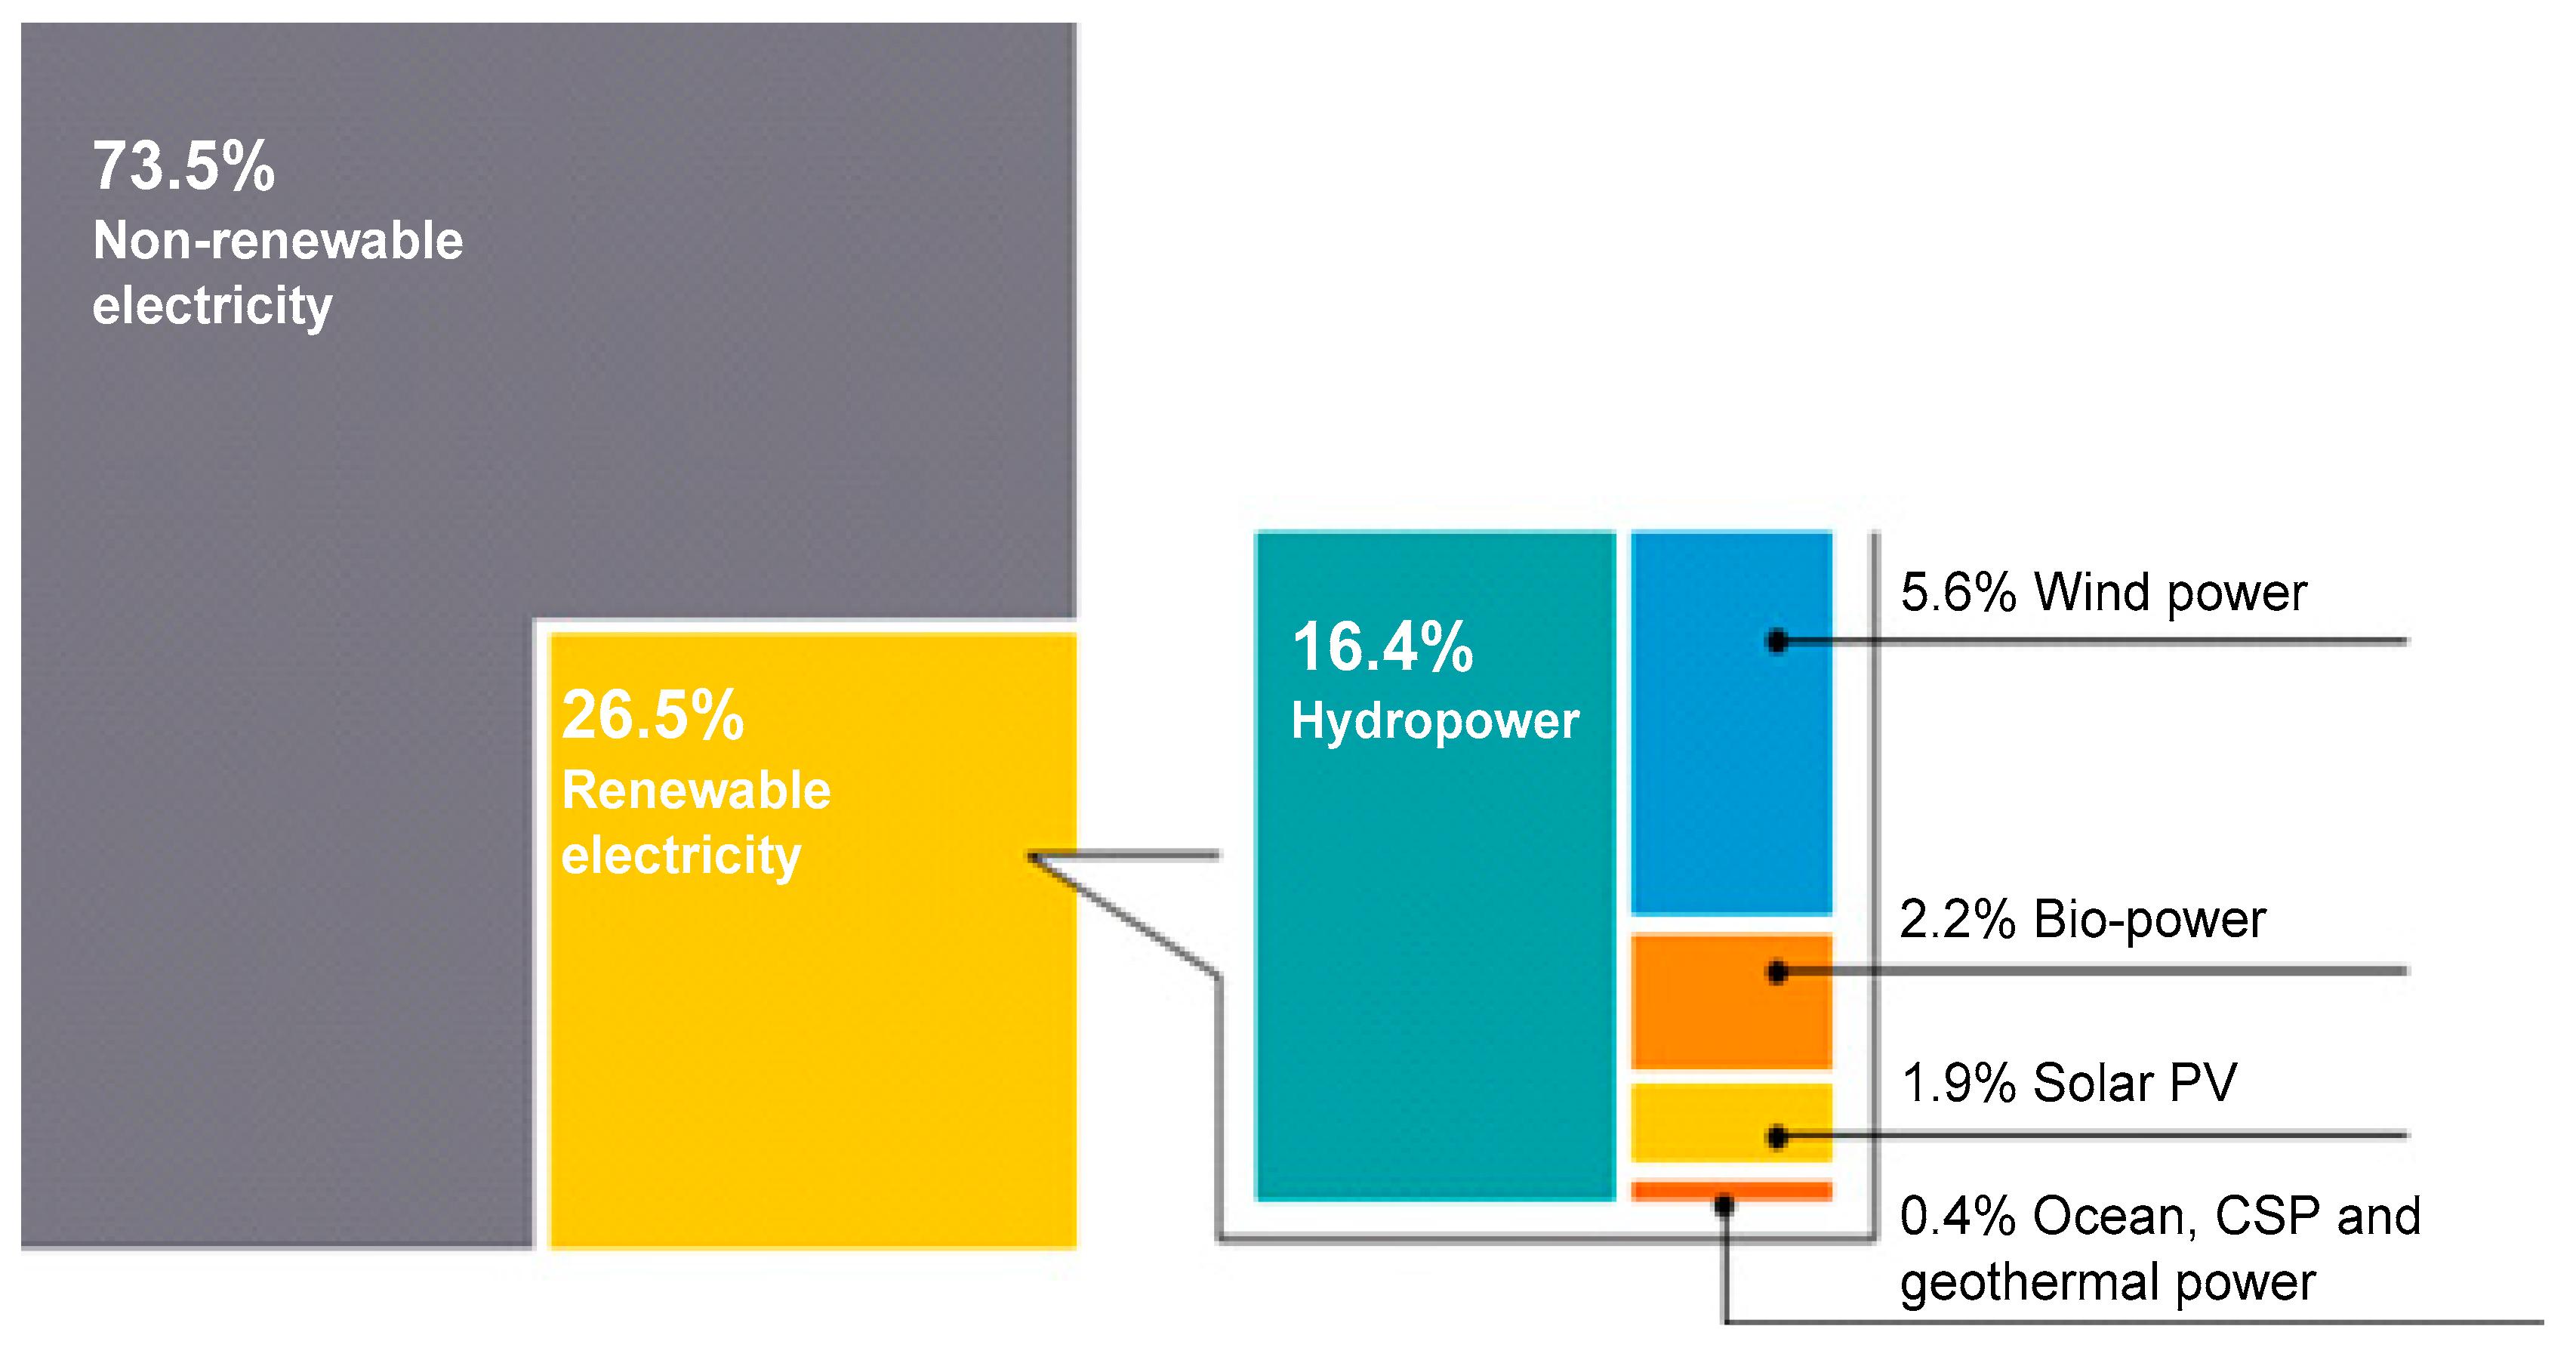 sustainability full text energy management and optimization sustainability 11 00683 g001